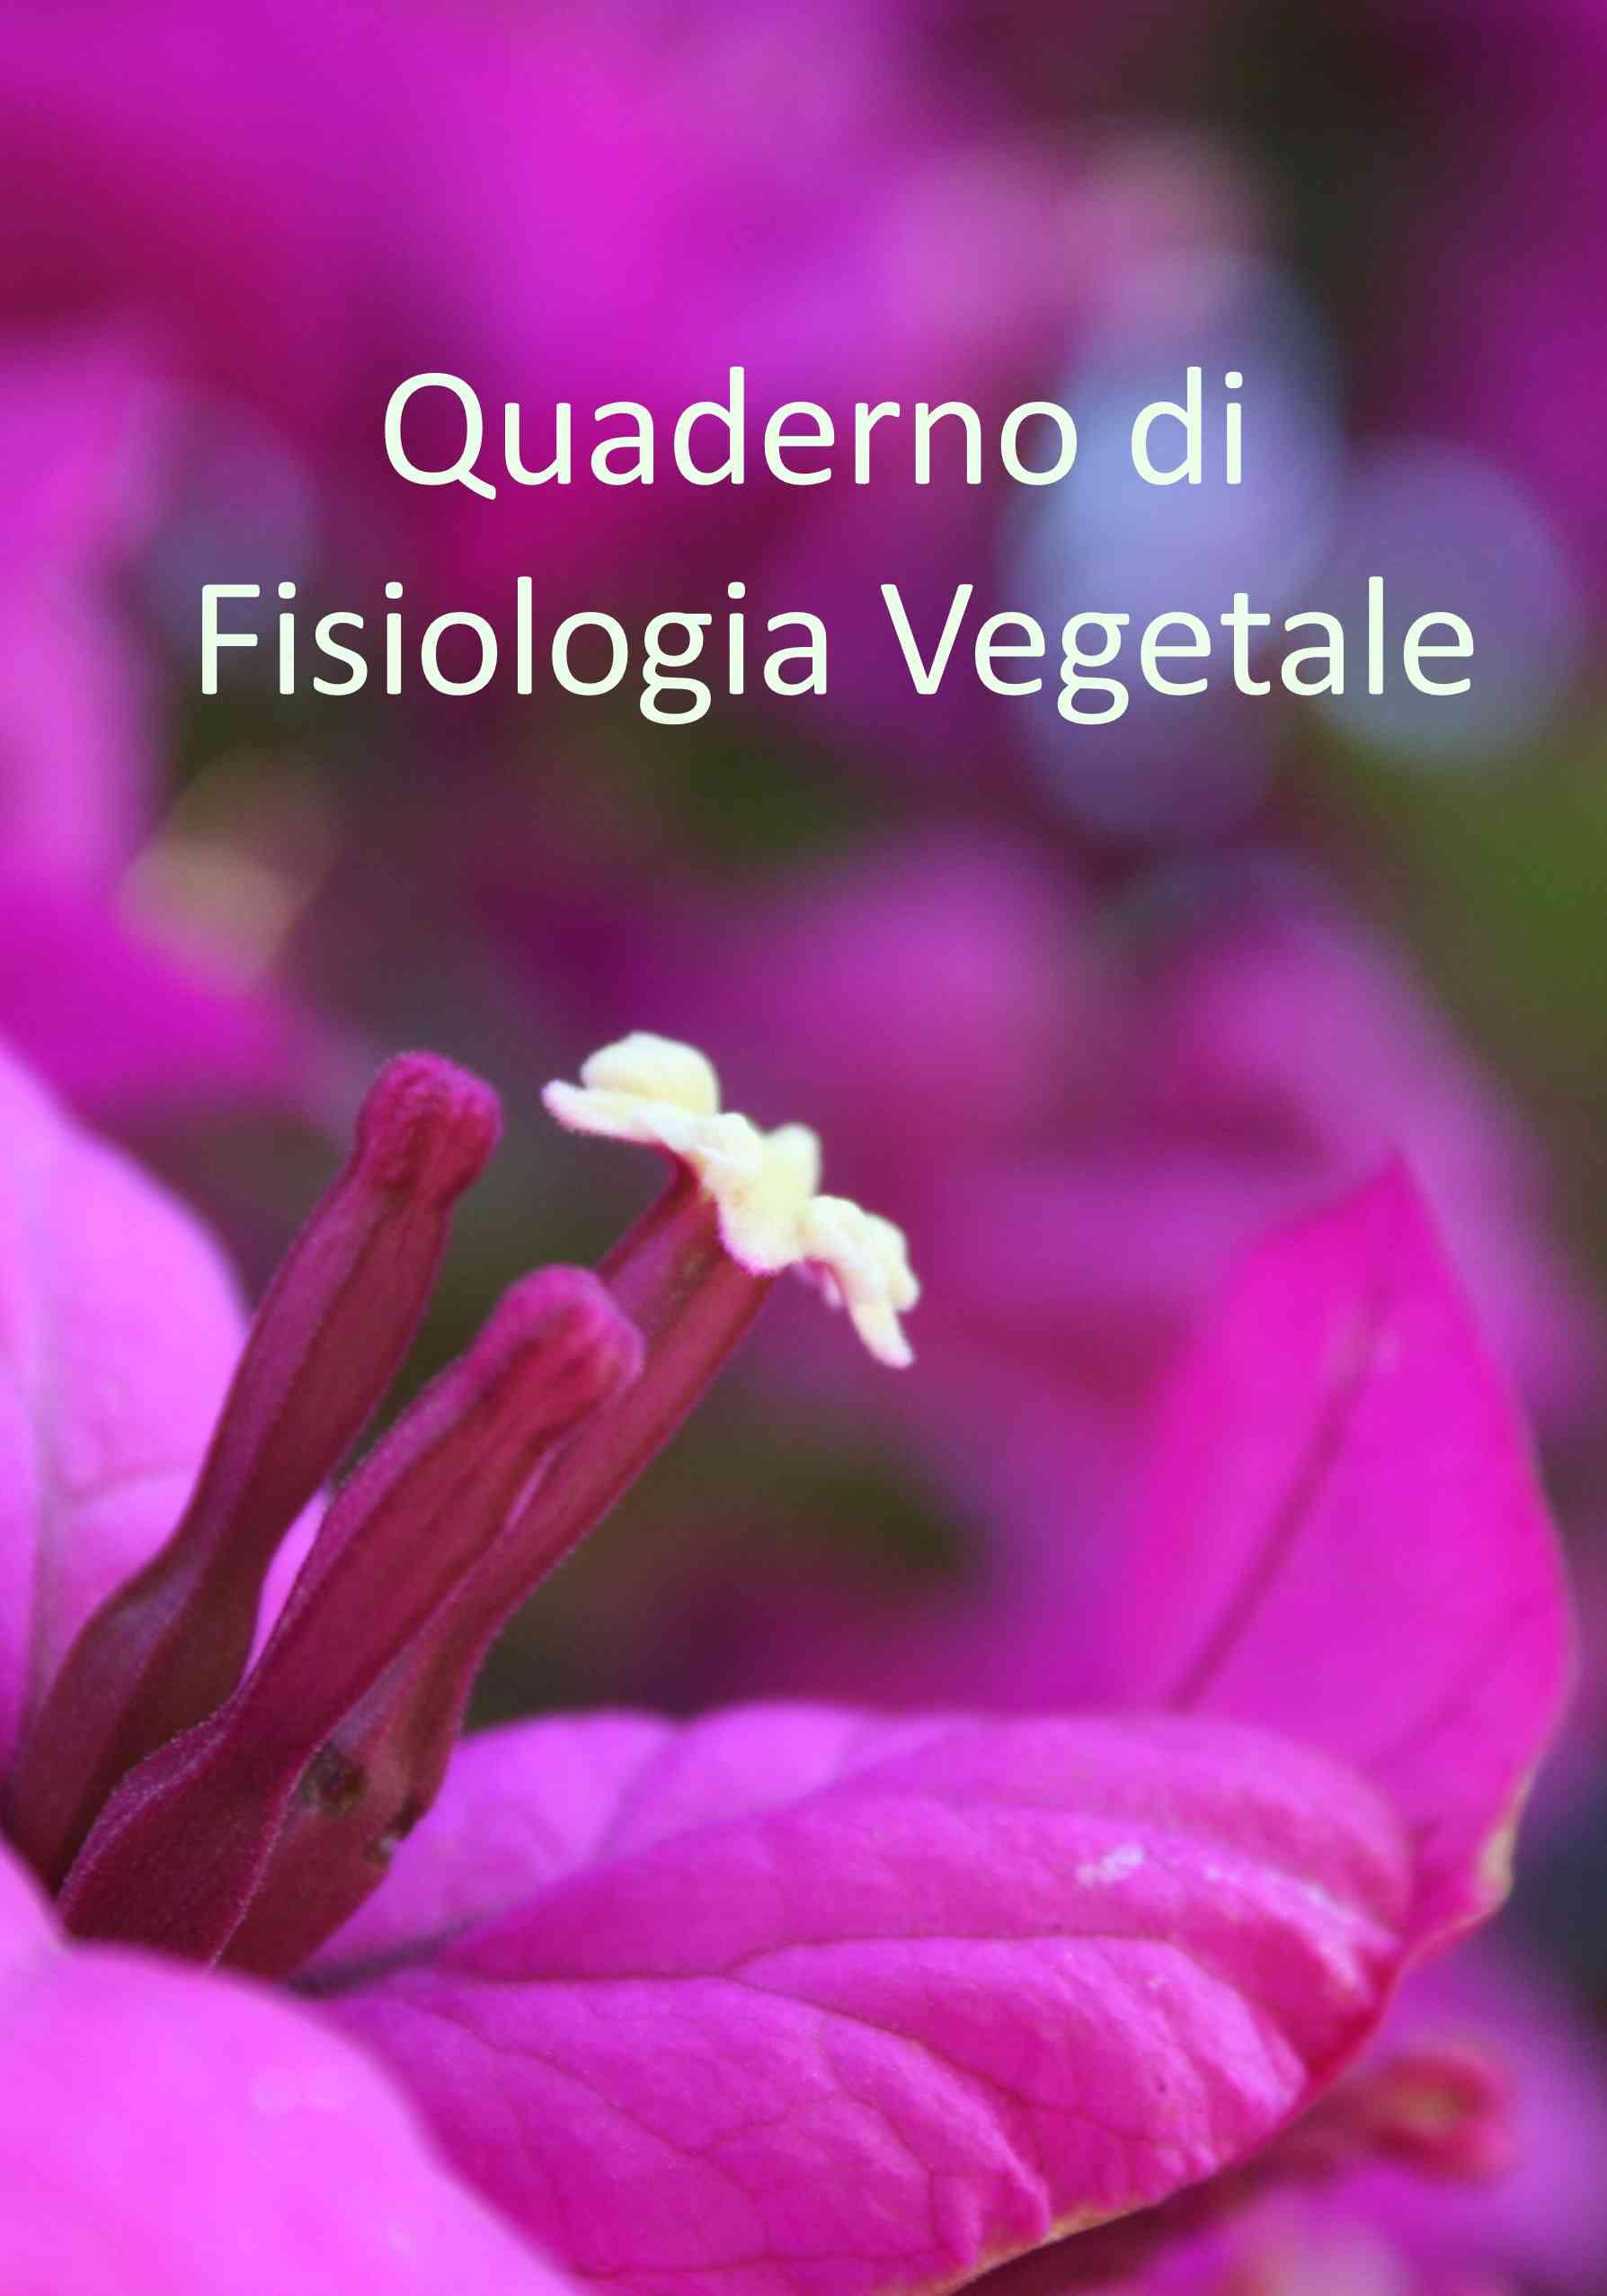 Quaderno di Fisiologia Vegetale (prima edizione)